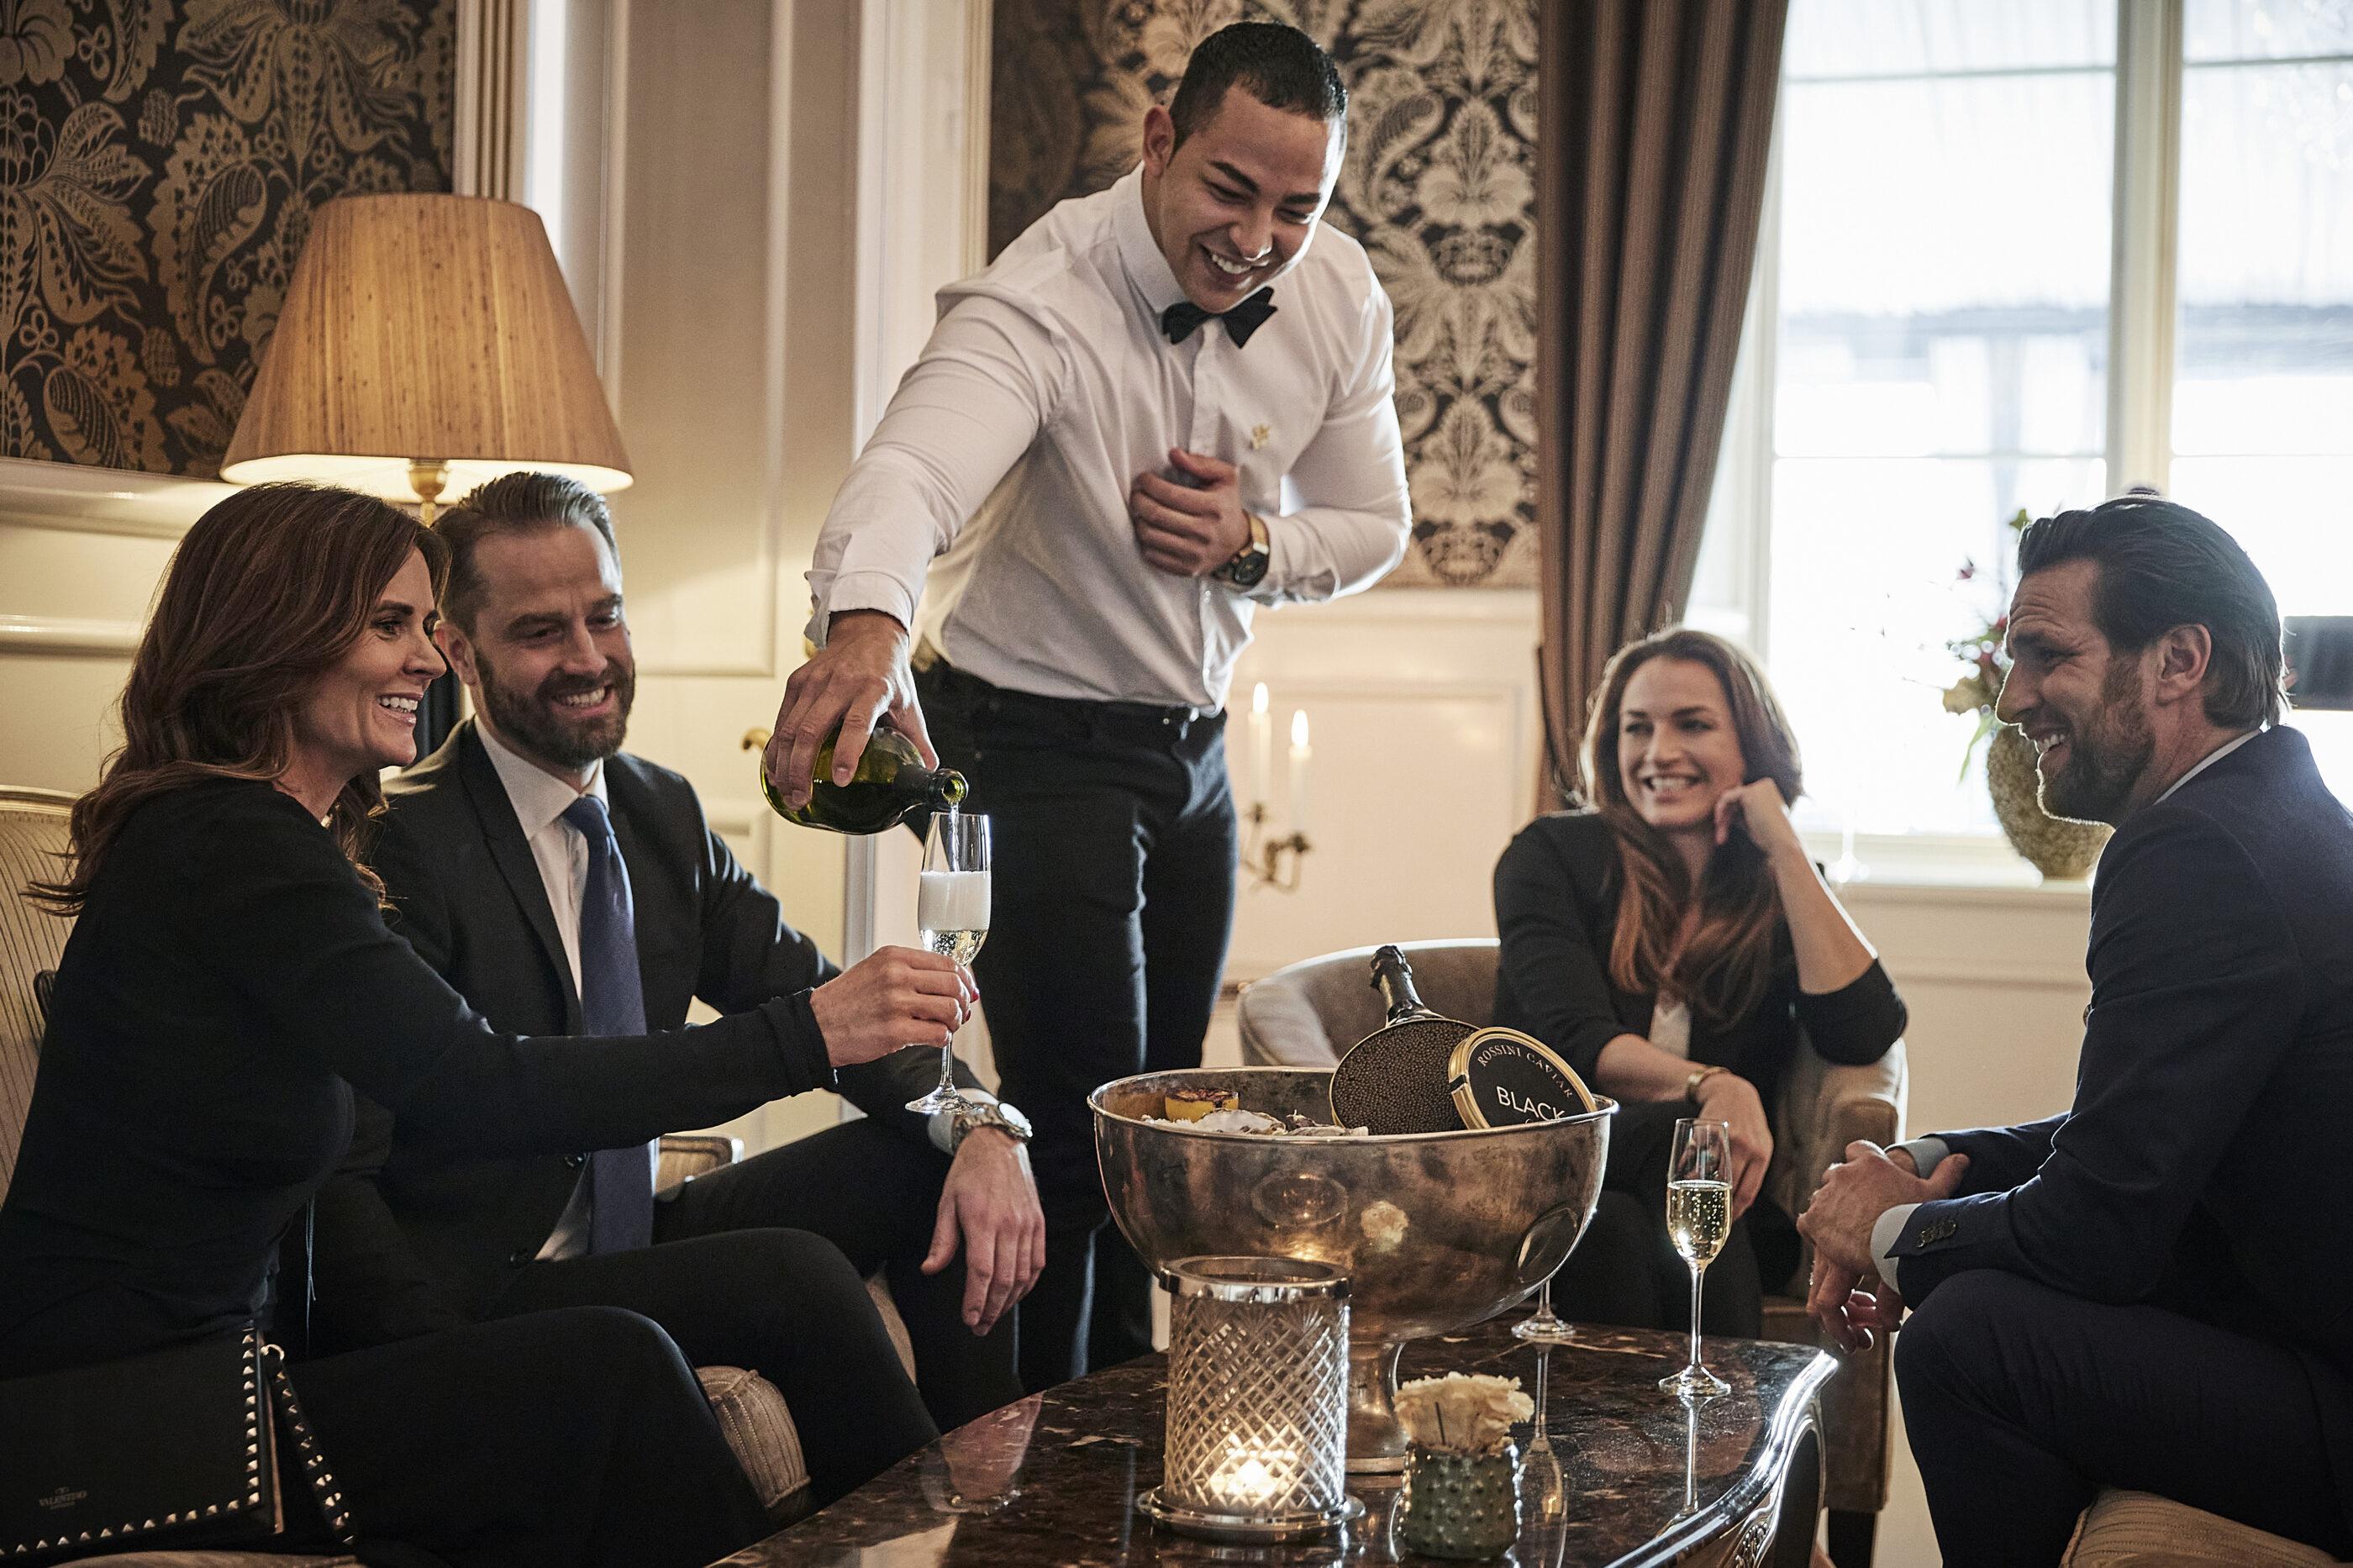 Tjener skænker champagne op til gæsterne i baren